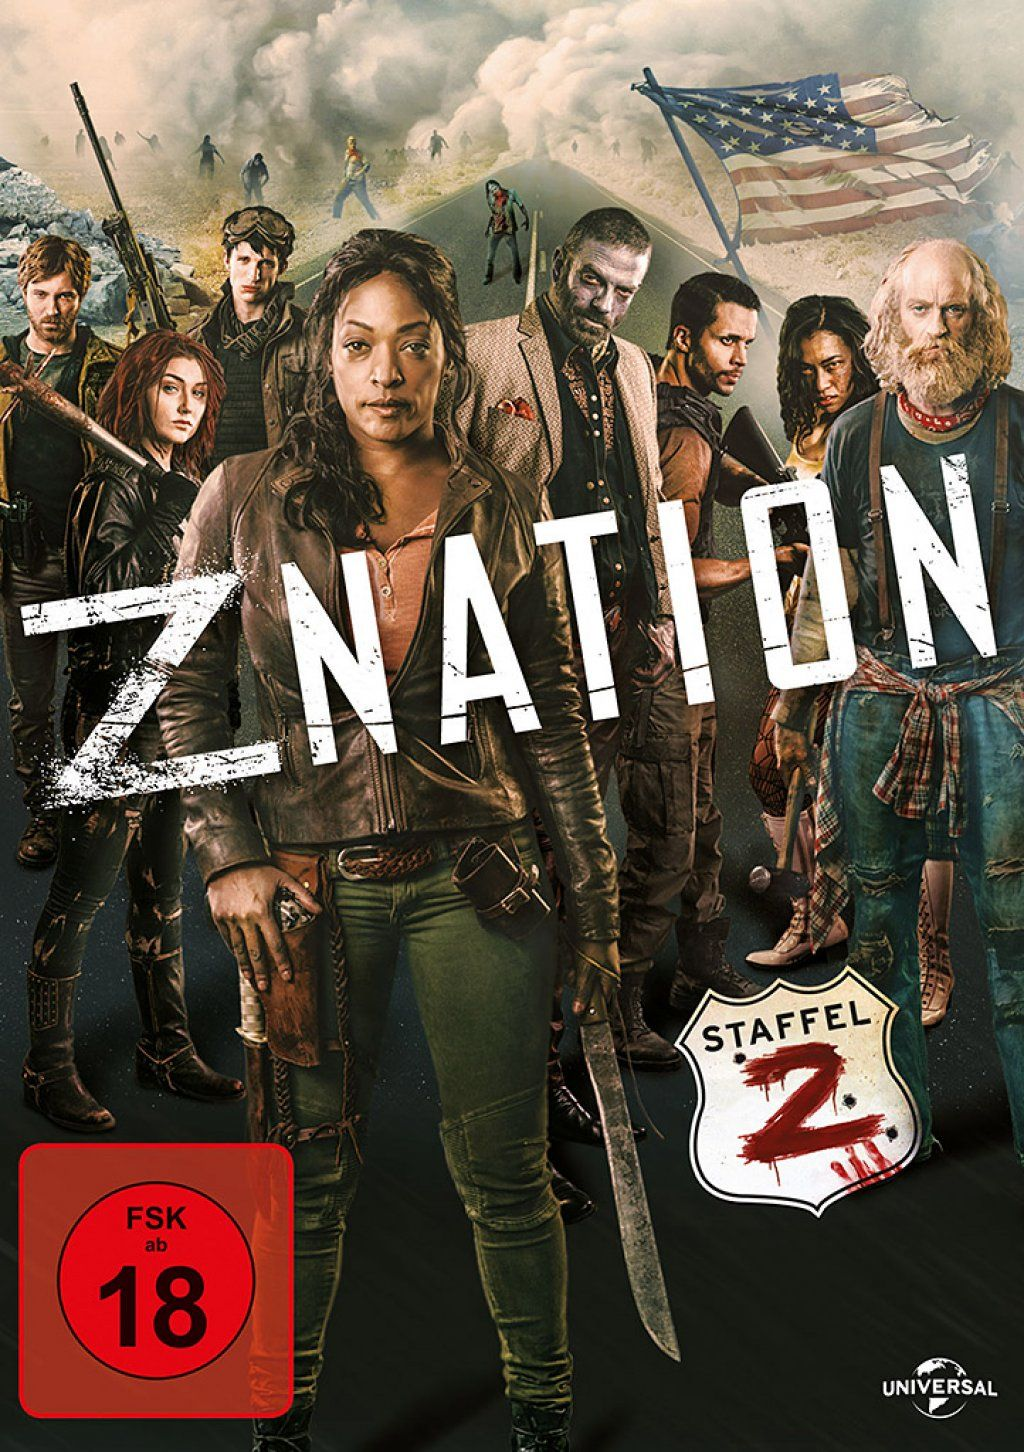 Z Nation - Staffel 2 (4 Discs)